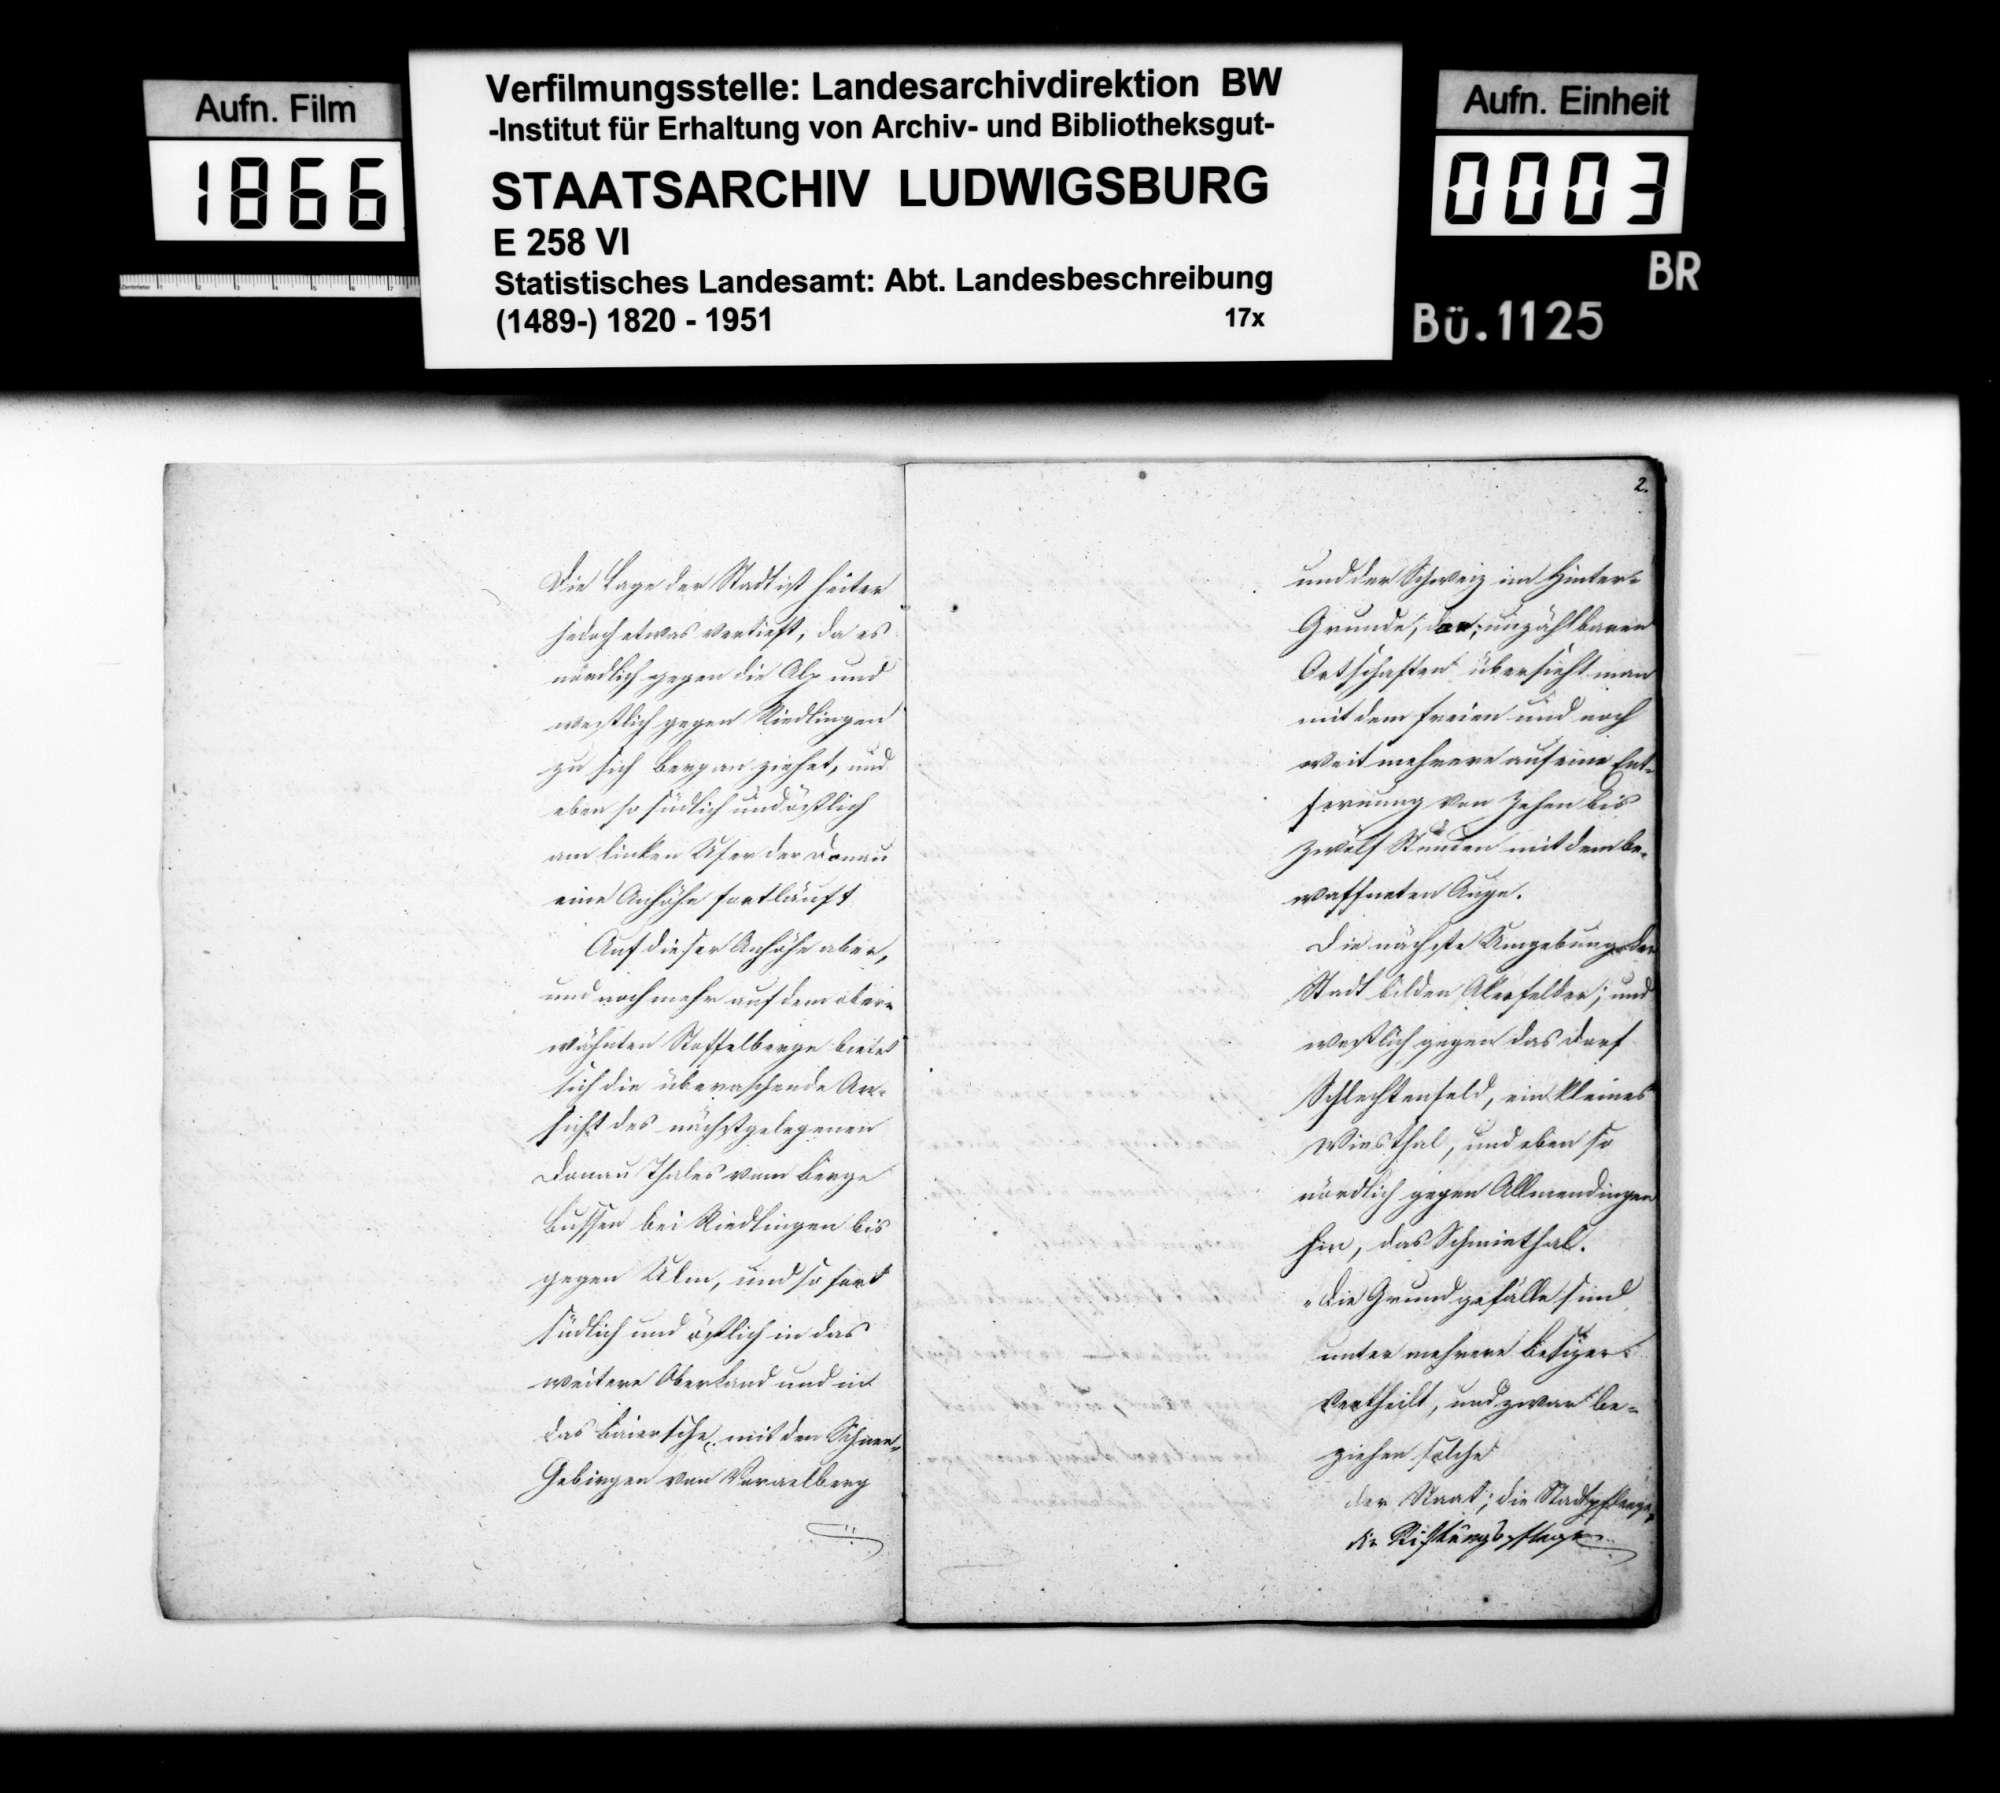 Abhandlung des Schultheißen Vogt zur Oberamtsstadt Ehingen, Bild 2